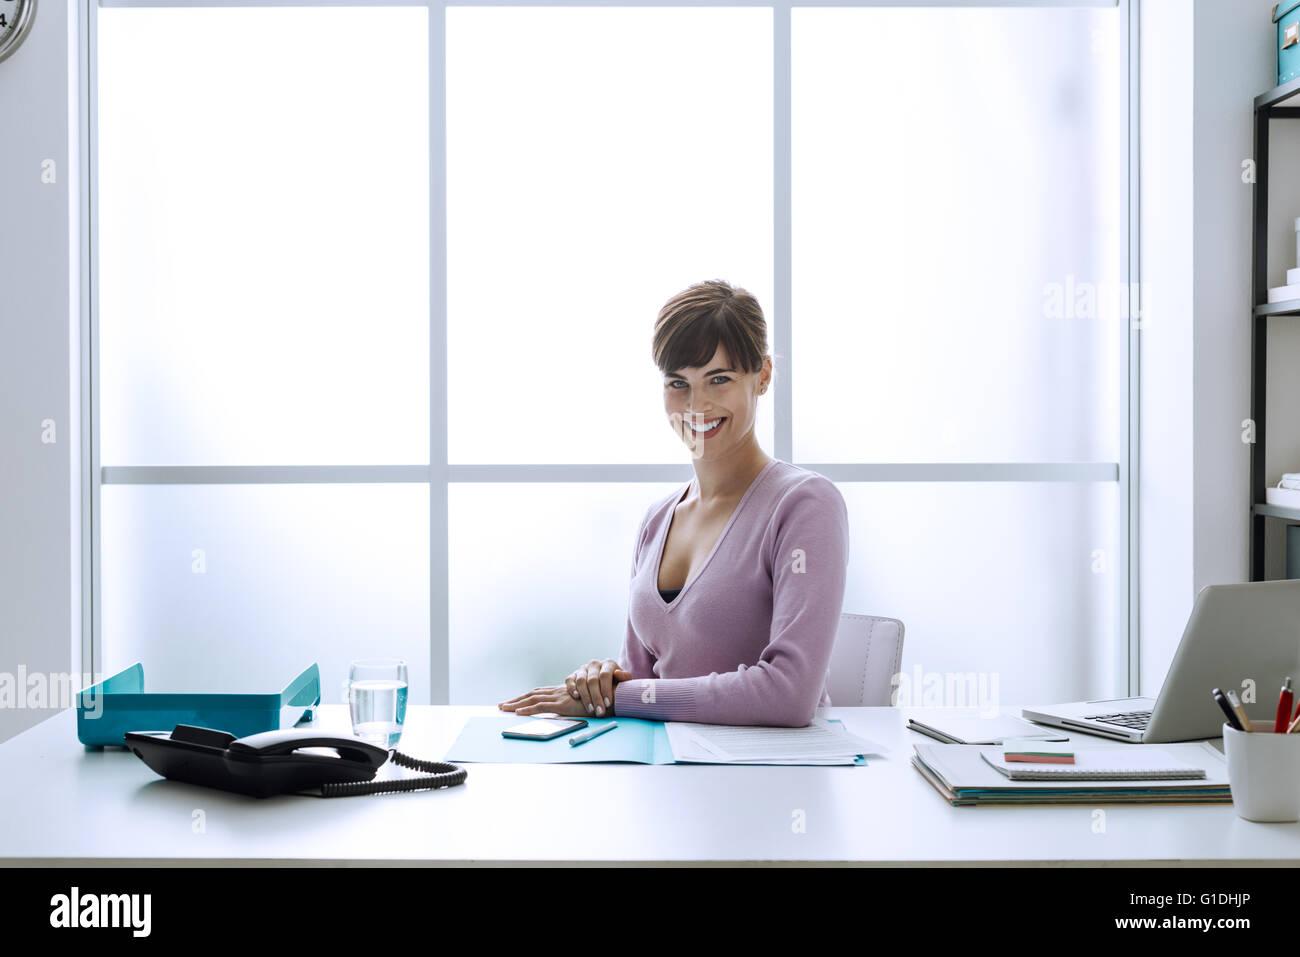 Seguro sonriente joven empresaria en su oficina, ella está mirando a la cámara y sentarse en la mesa Imagen De Stock